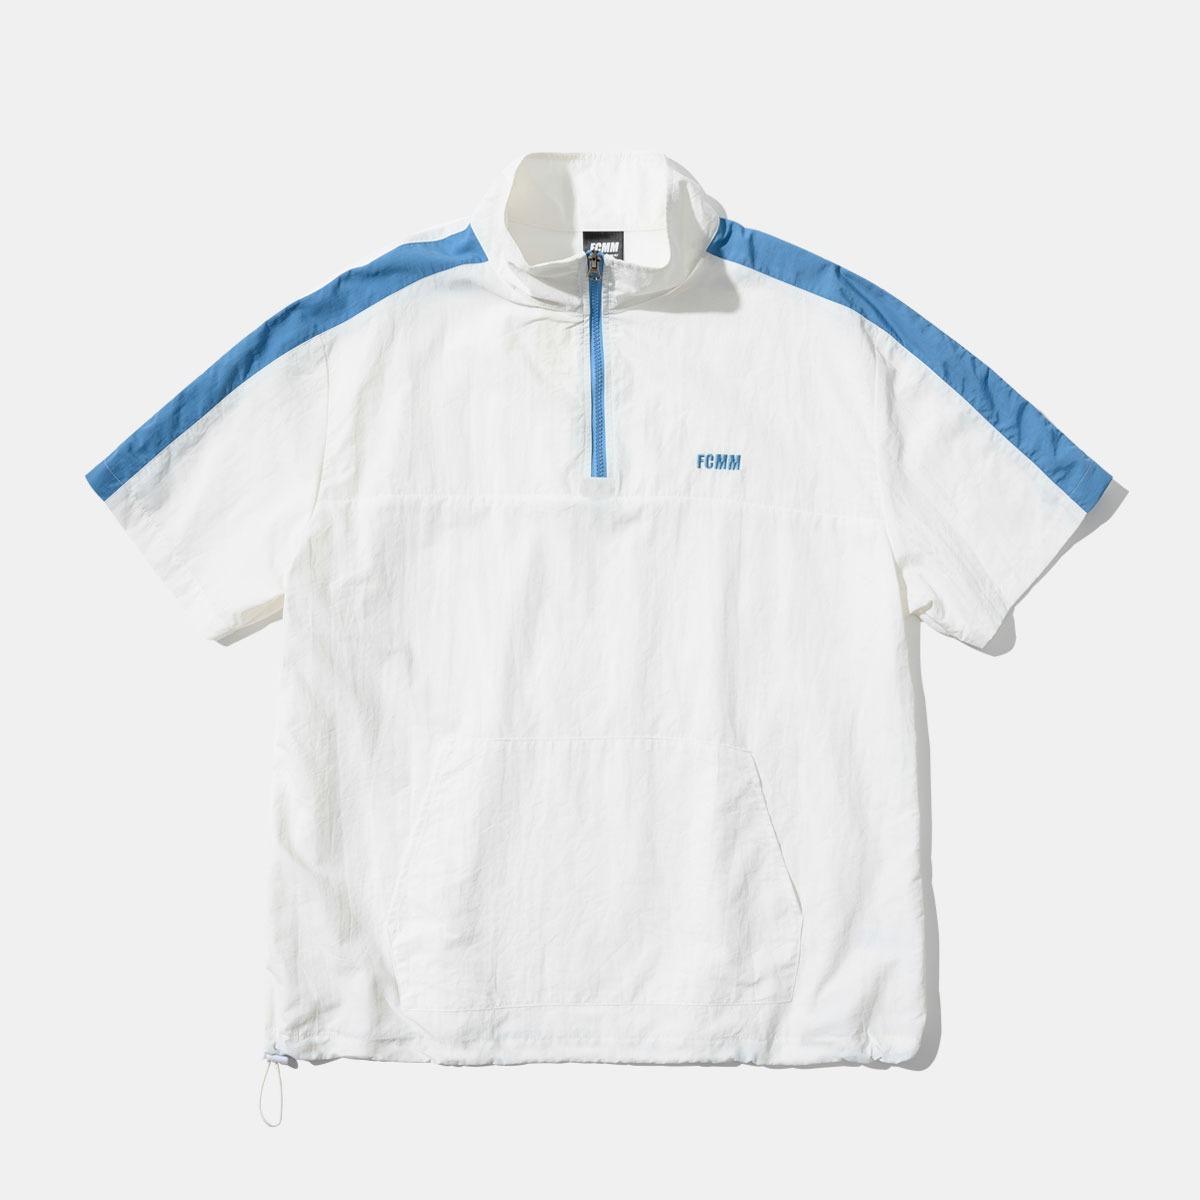 [10%할인+티셔츠 증정]쿨 레이 숏슬리브 하프집 윈드브레이커 - 화이트